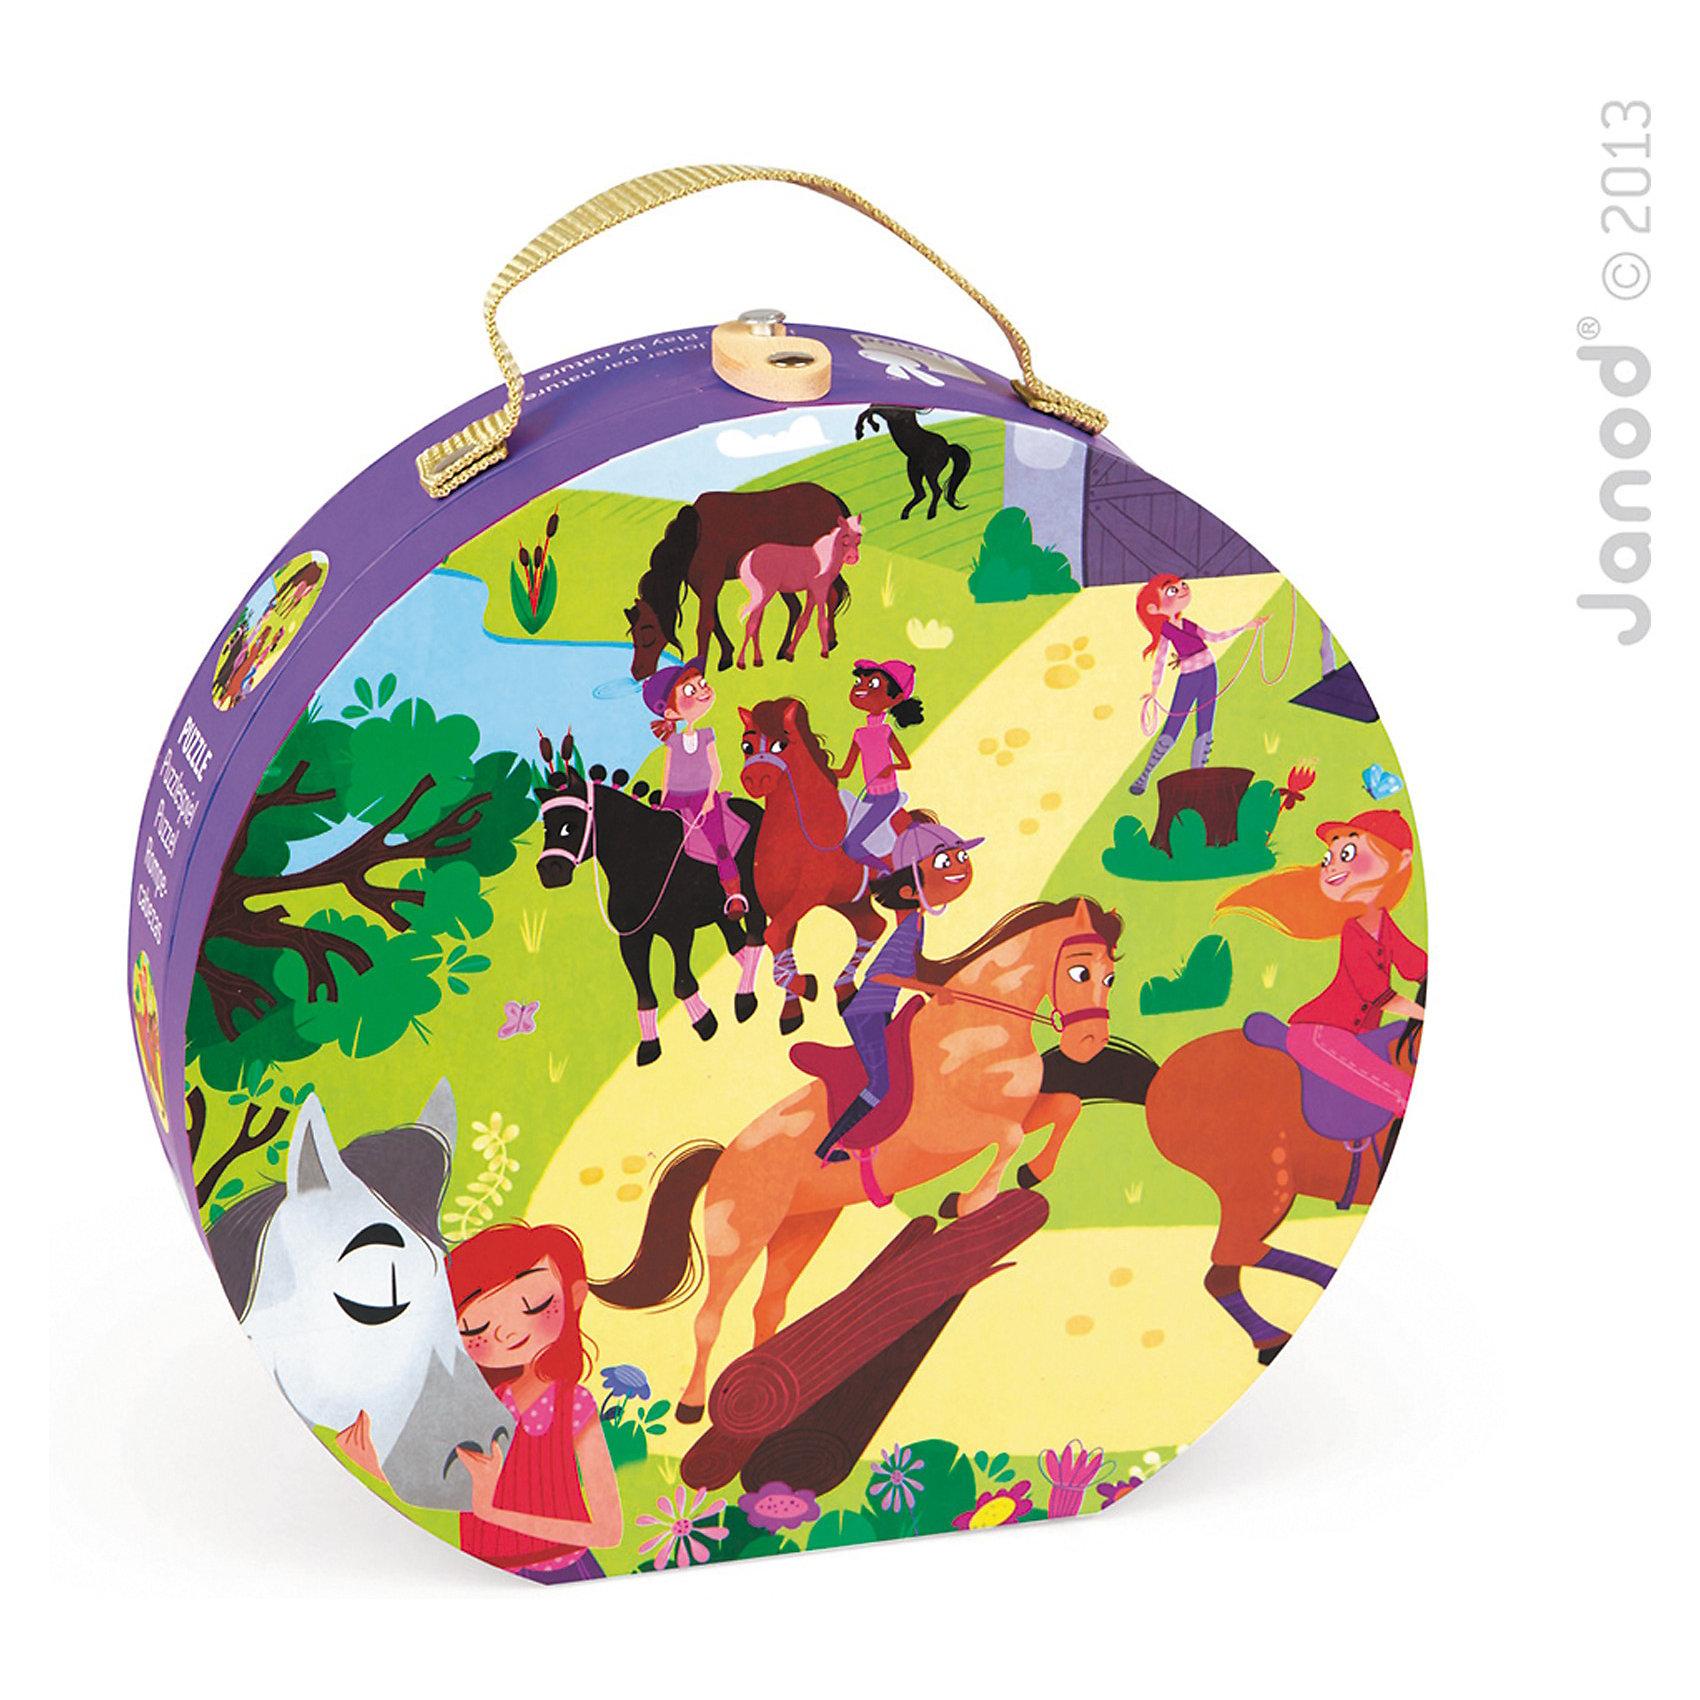 Пазл в круглом чемоданчике Лошадки, 100 деталей, JanodСобирать разные изображения из деталей - любимое занятие многих детей. Пазлы - отличный способ развивать способности ребенка в игровой форме. Эта игра очень удобна - ее можно брать с собой в дорогу, благодаря продуманной форме хранится она очень компактно. Она развивает также мелкую моторику, воображение, логическое мышление, цветовосприятие. Такая игра надолго занимает детей и помогает увлекательно провести время!<br>Пазл в круглом чемоданчике Лошадки состоит из ста деталей, которые складываются в картинку с наездниками и лошадями. Пазл упакован в закрывающийся чемоданчик с ручкой, который очень удобно носить с собой. Игра разработана опытными специалистами, сделана из высококачественных материалов, безопасных для детей.<br><br>Дополнительная информация:<br><br>материал: картон;<br>размер пазла: 50  х40 см;<br>размер упаковки: 25 х 24 х 7 см;<br>вес: 998 г;<br>качественная полиграфия;<br>комплектация: круглый чемодан; 100 элементов.<br><br>Пазл в круглом чемоданчике Лошадки, 100 деталей, от компании Janod можно купить в нашем магазине.<br><br>Ширина мм: 254<br>Глубина мм: 249<br>Высота мм: 88<br>Вес г: 757<br>Возраст от месяцев: 72<br>Возраст до месяцев: 96<br>Пол: Женский<br>Возраст: Детский<br>Количество деталей: 100<br>SKU: 3635550